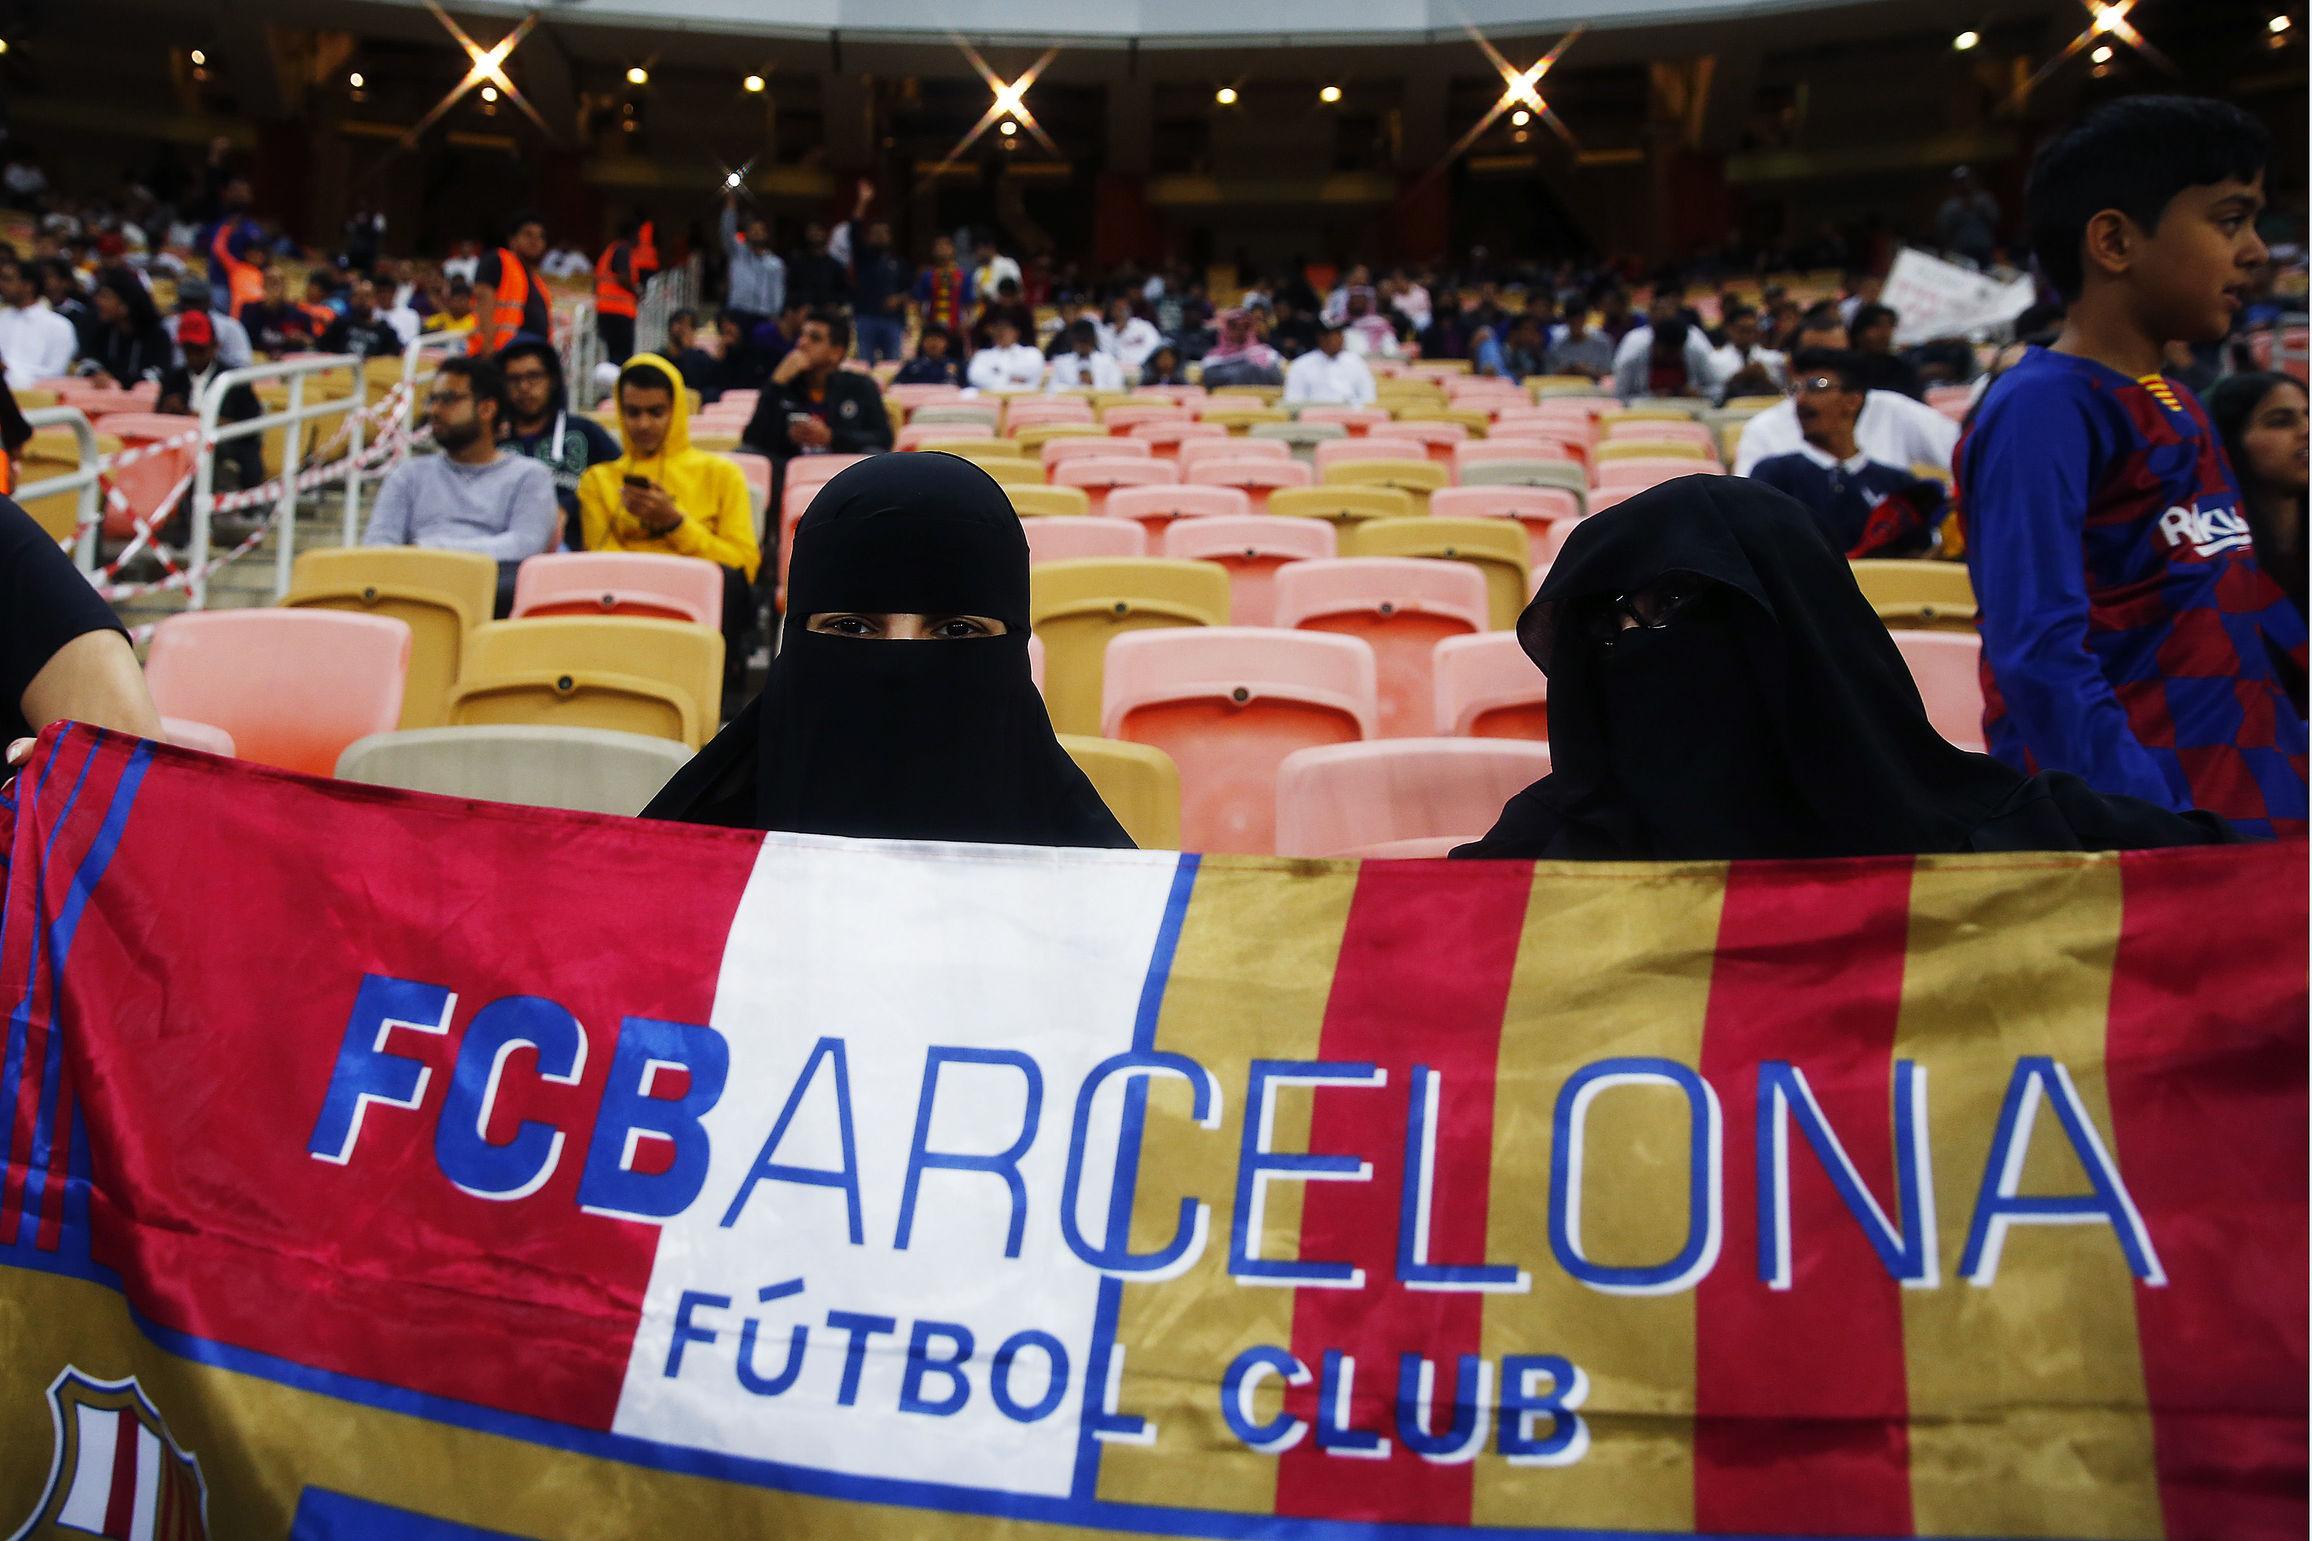 Президентські вибори в Барселоні виграє Лапорта. У нас є п'ять причин, аби так вважати - изображение 4